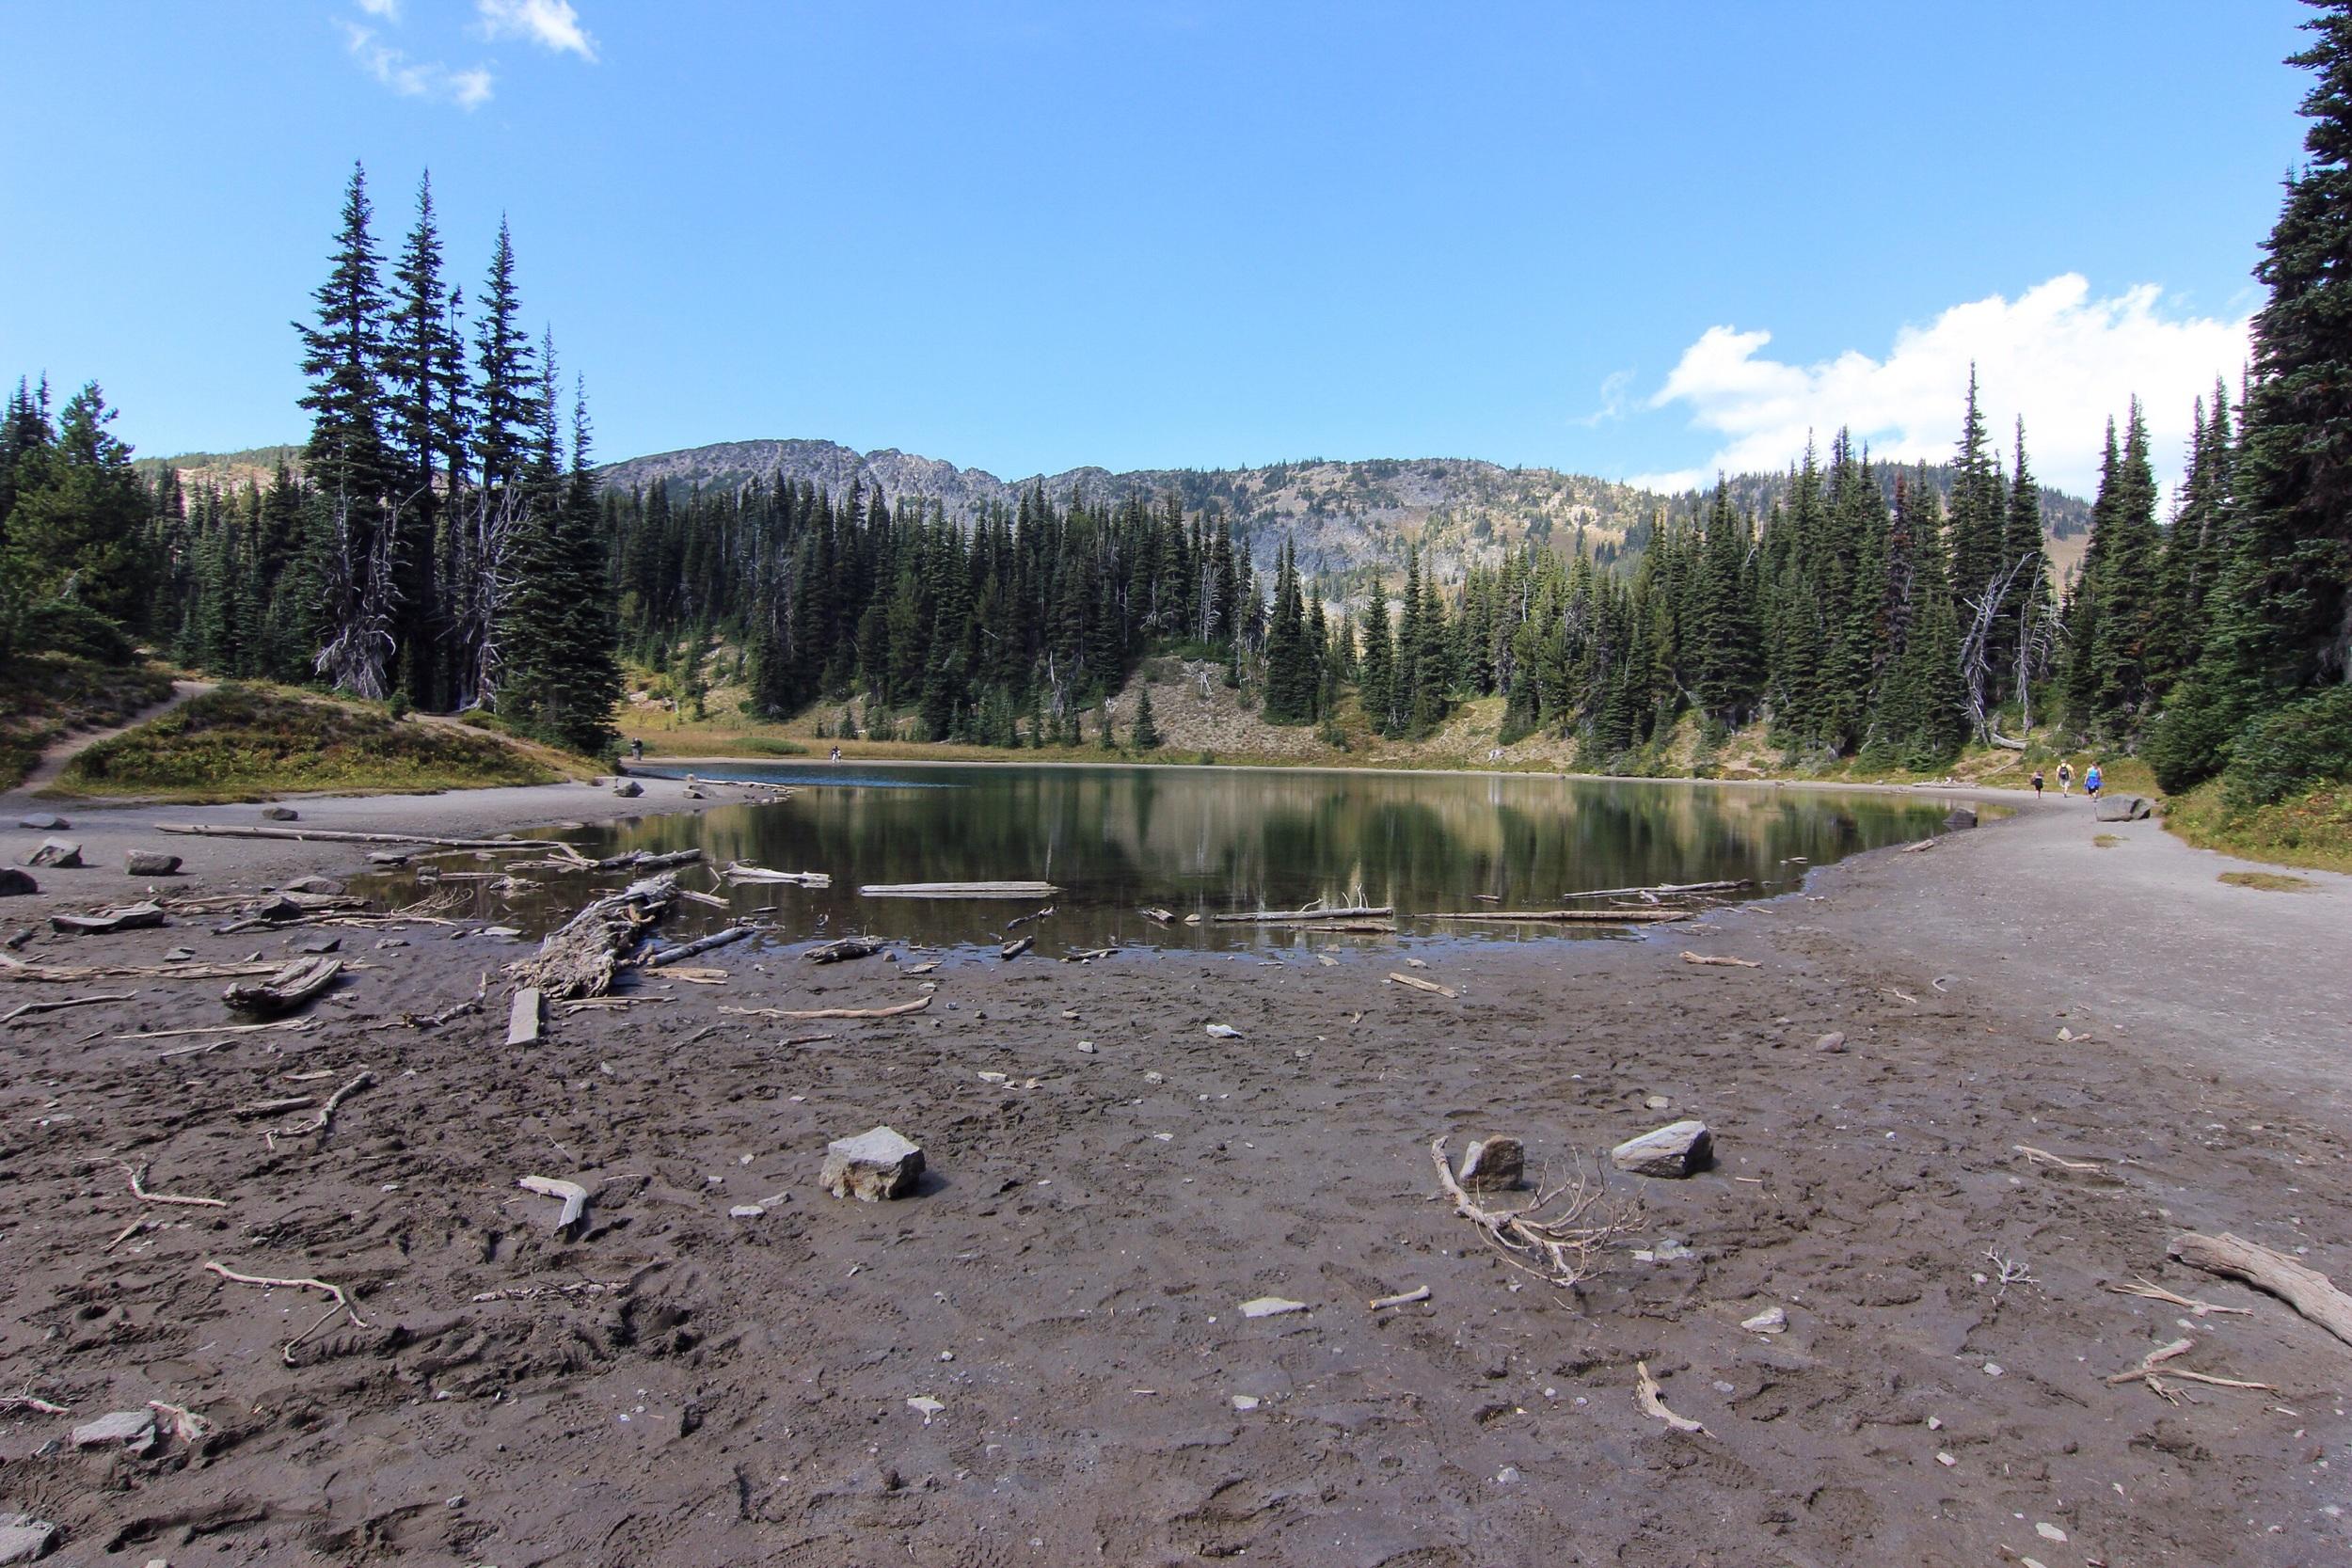 Receding lake.